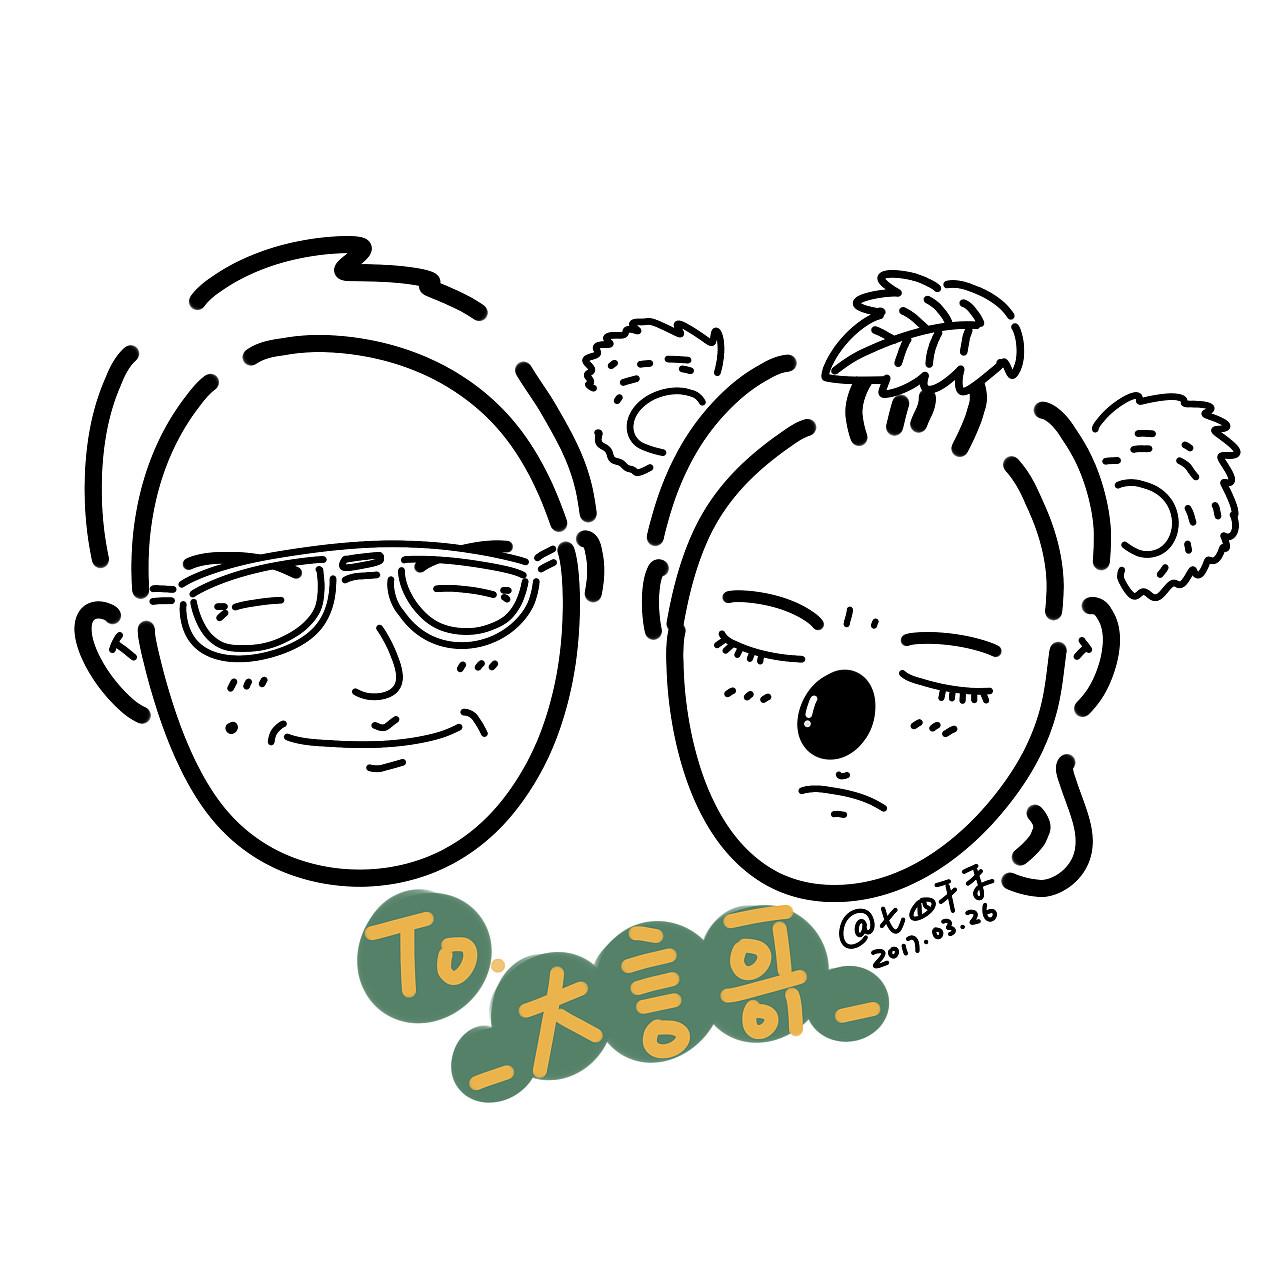 动漫 简笔画 卡通 漫画 手绘 头像 线稿 1280_1280